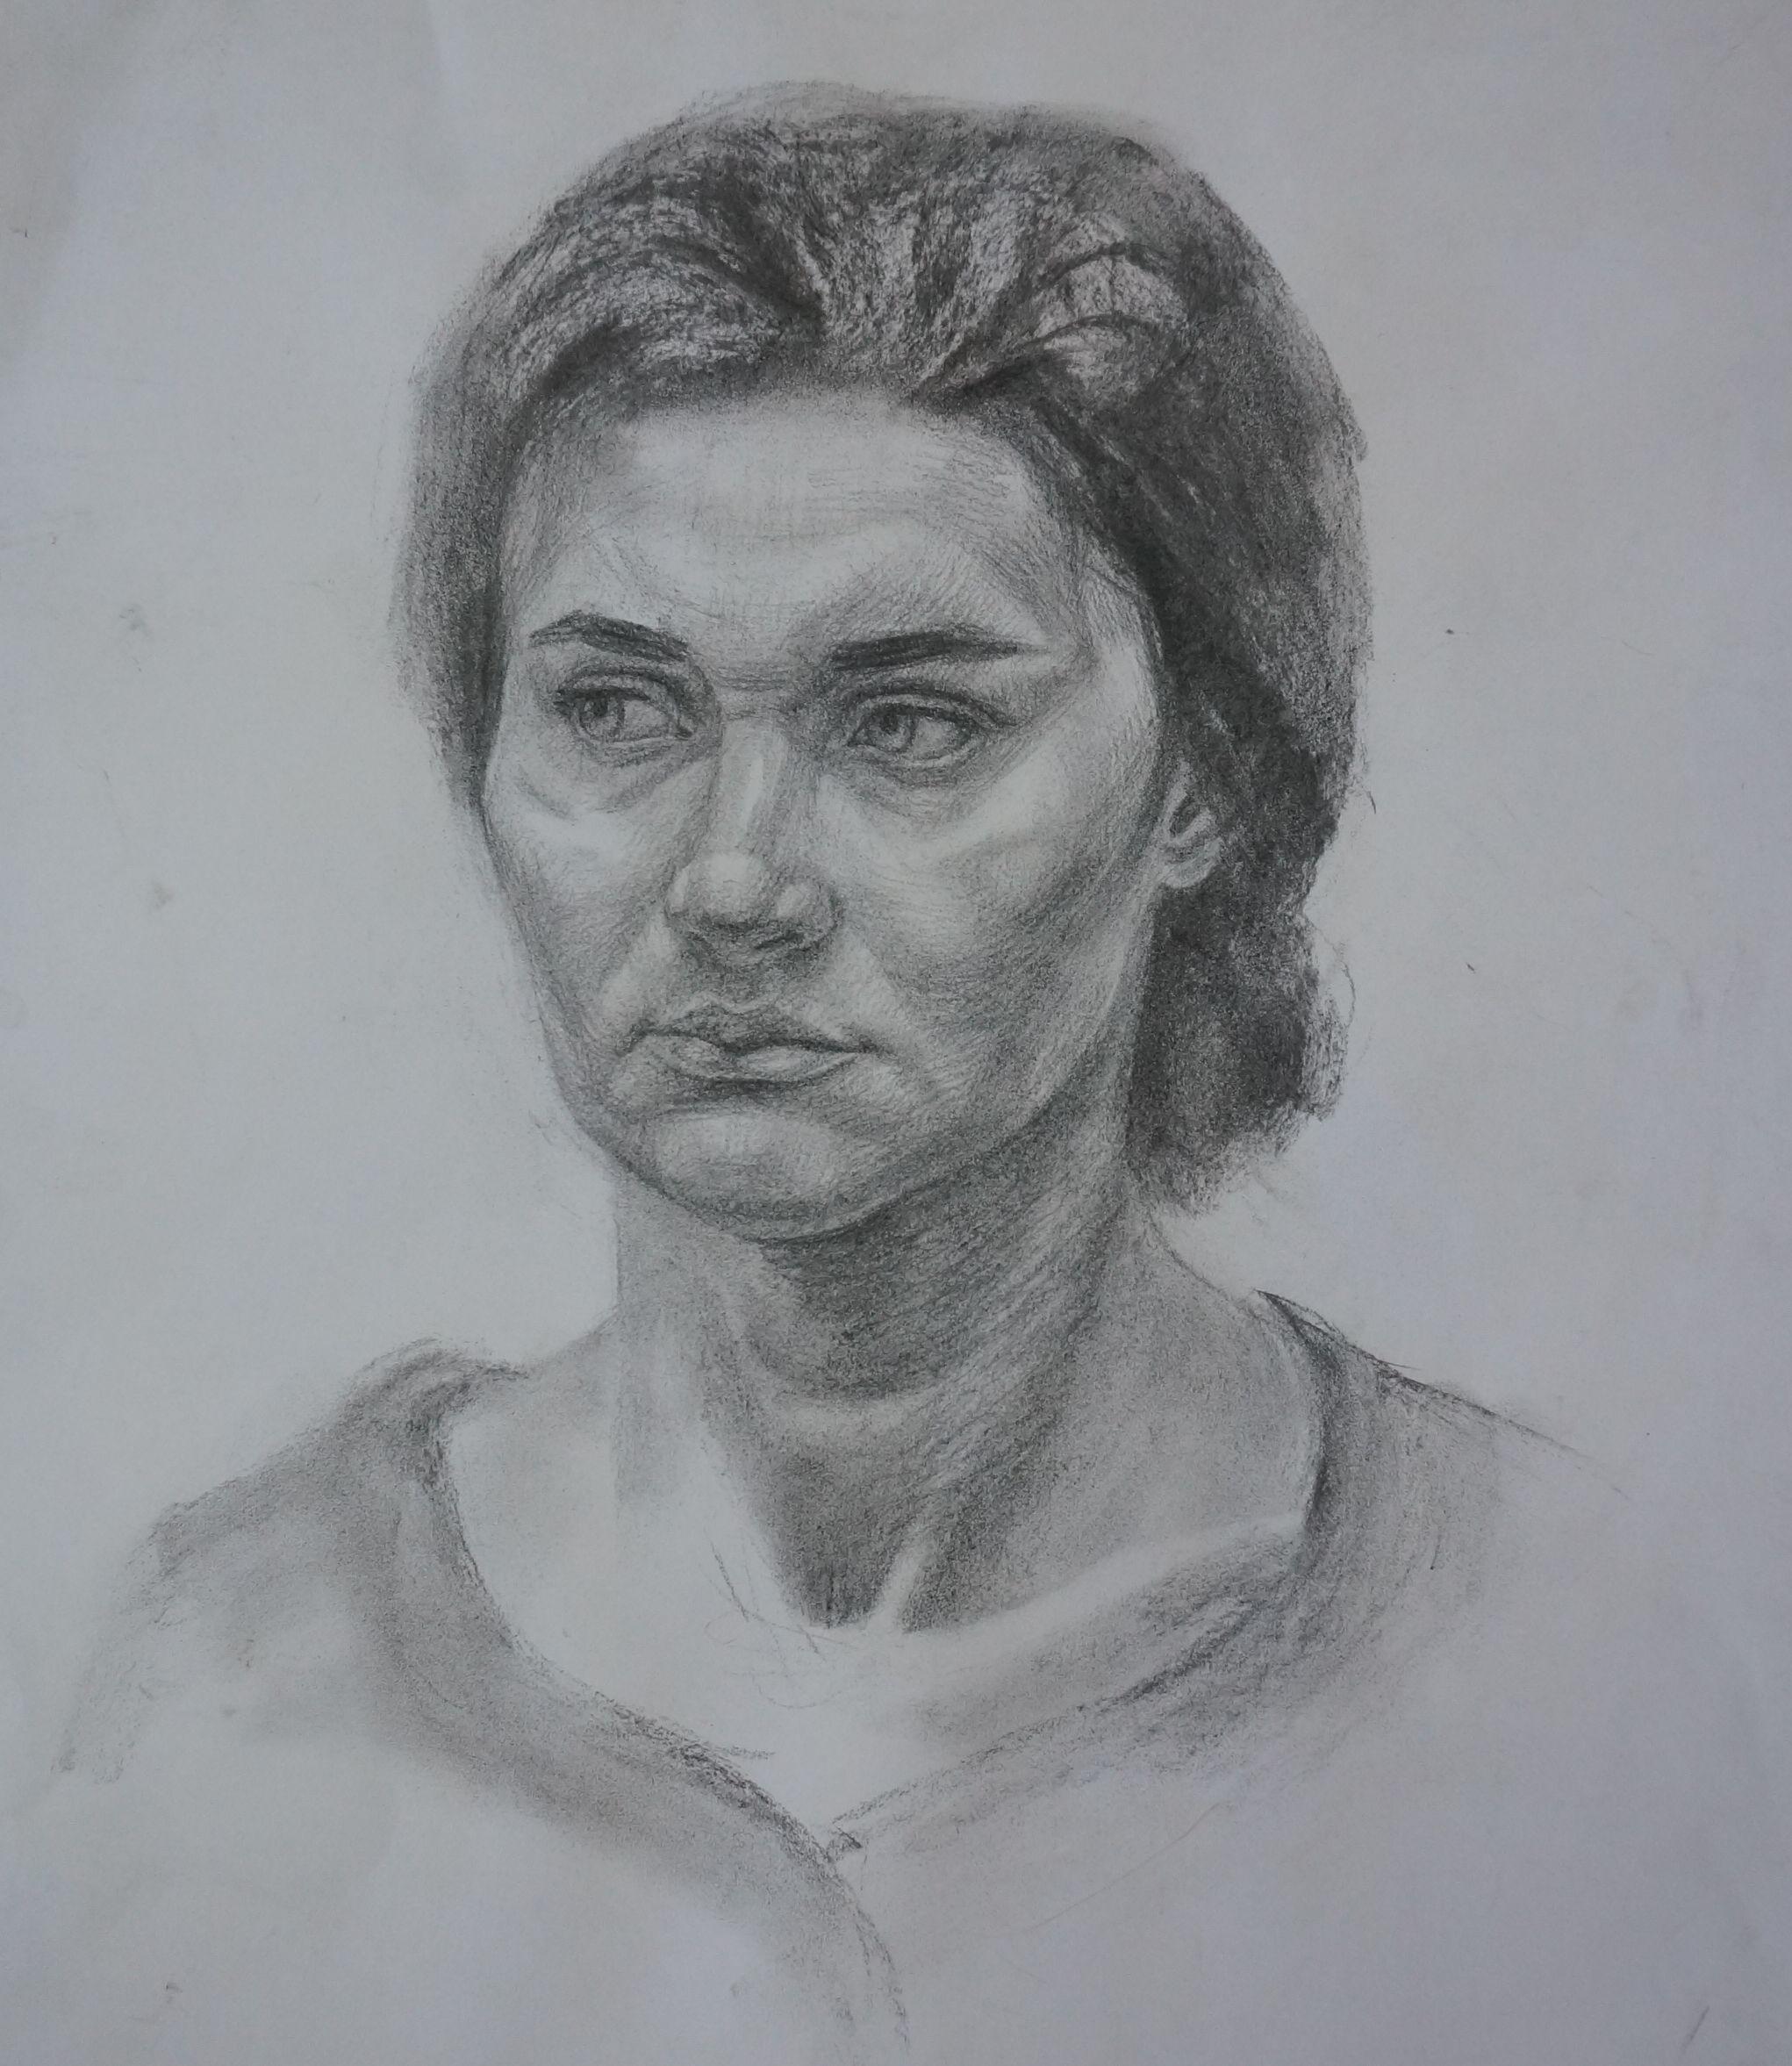 ней портрет с фото углем на заказ слово спасибо